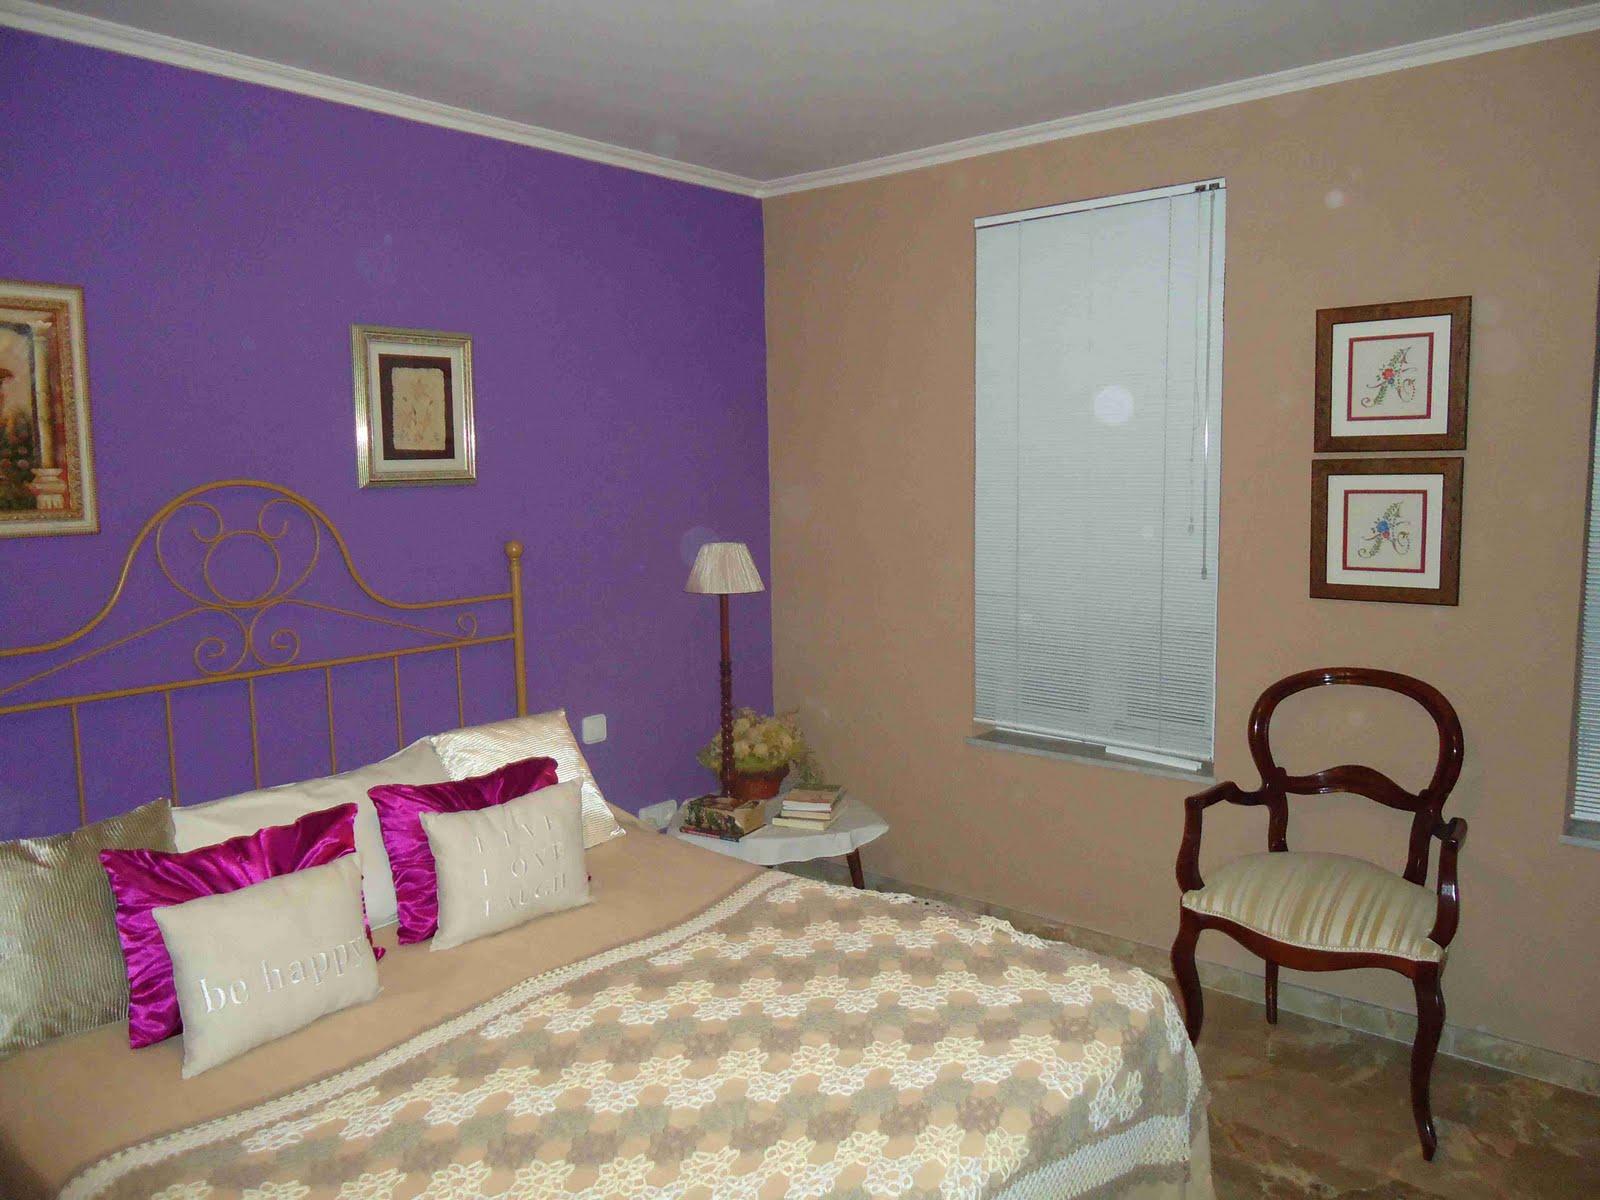 Pinturas para casa imagui - Decoracion de pintura para interiores ...